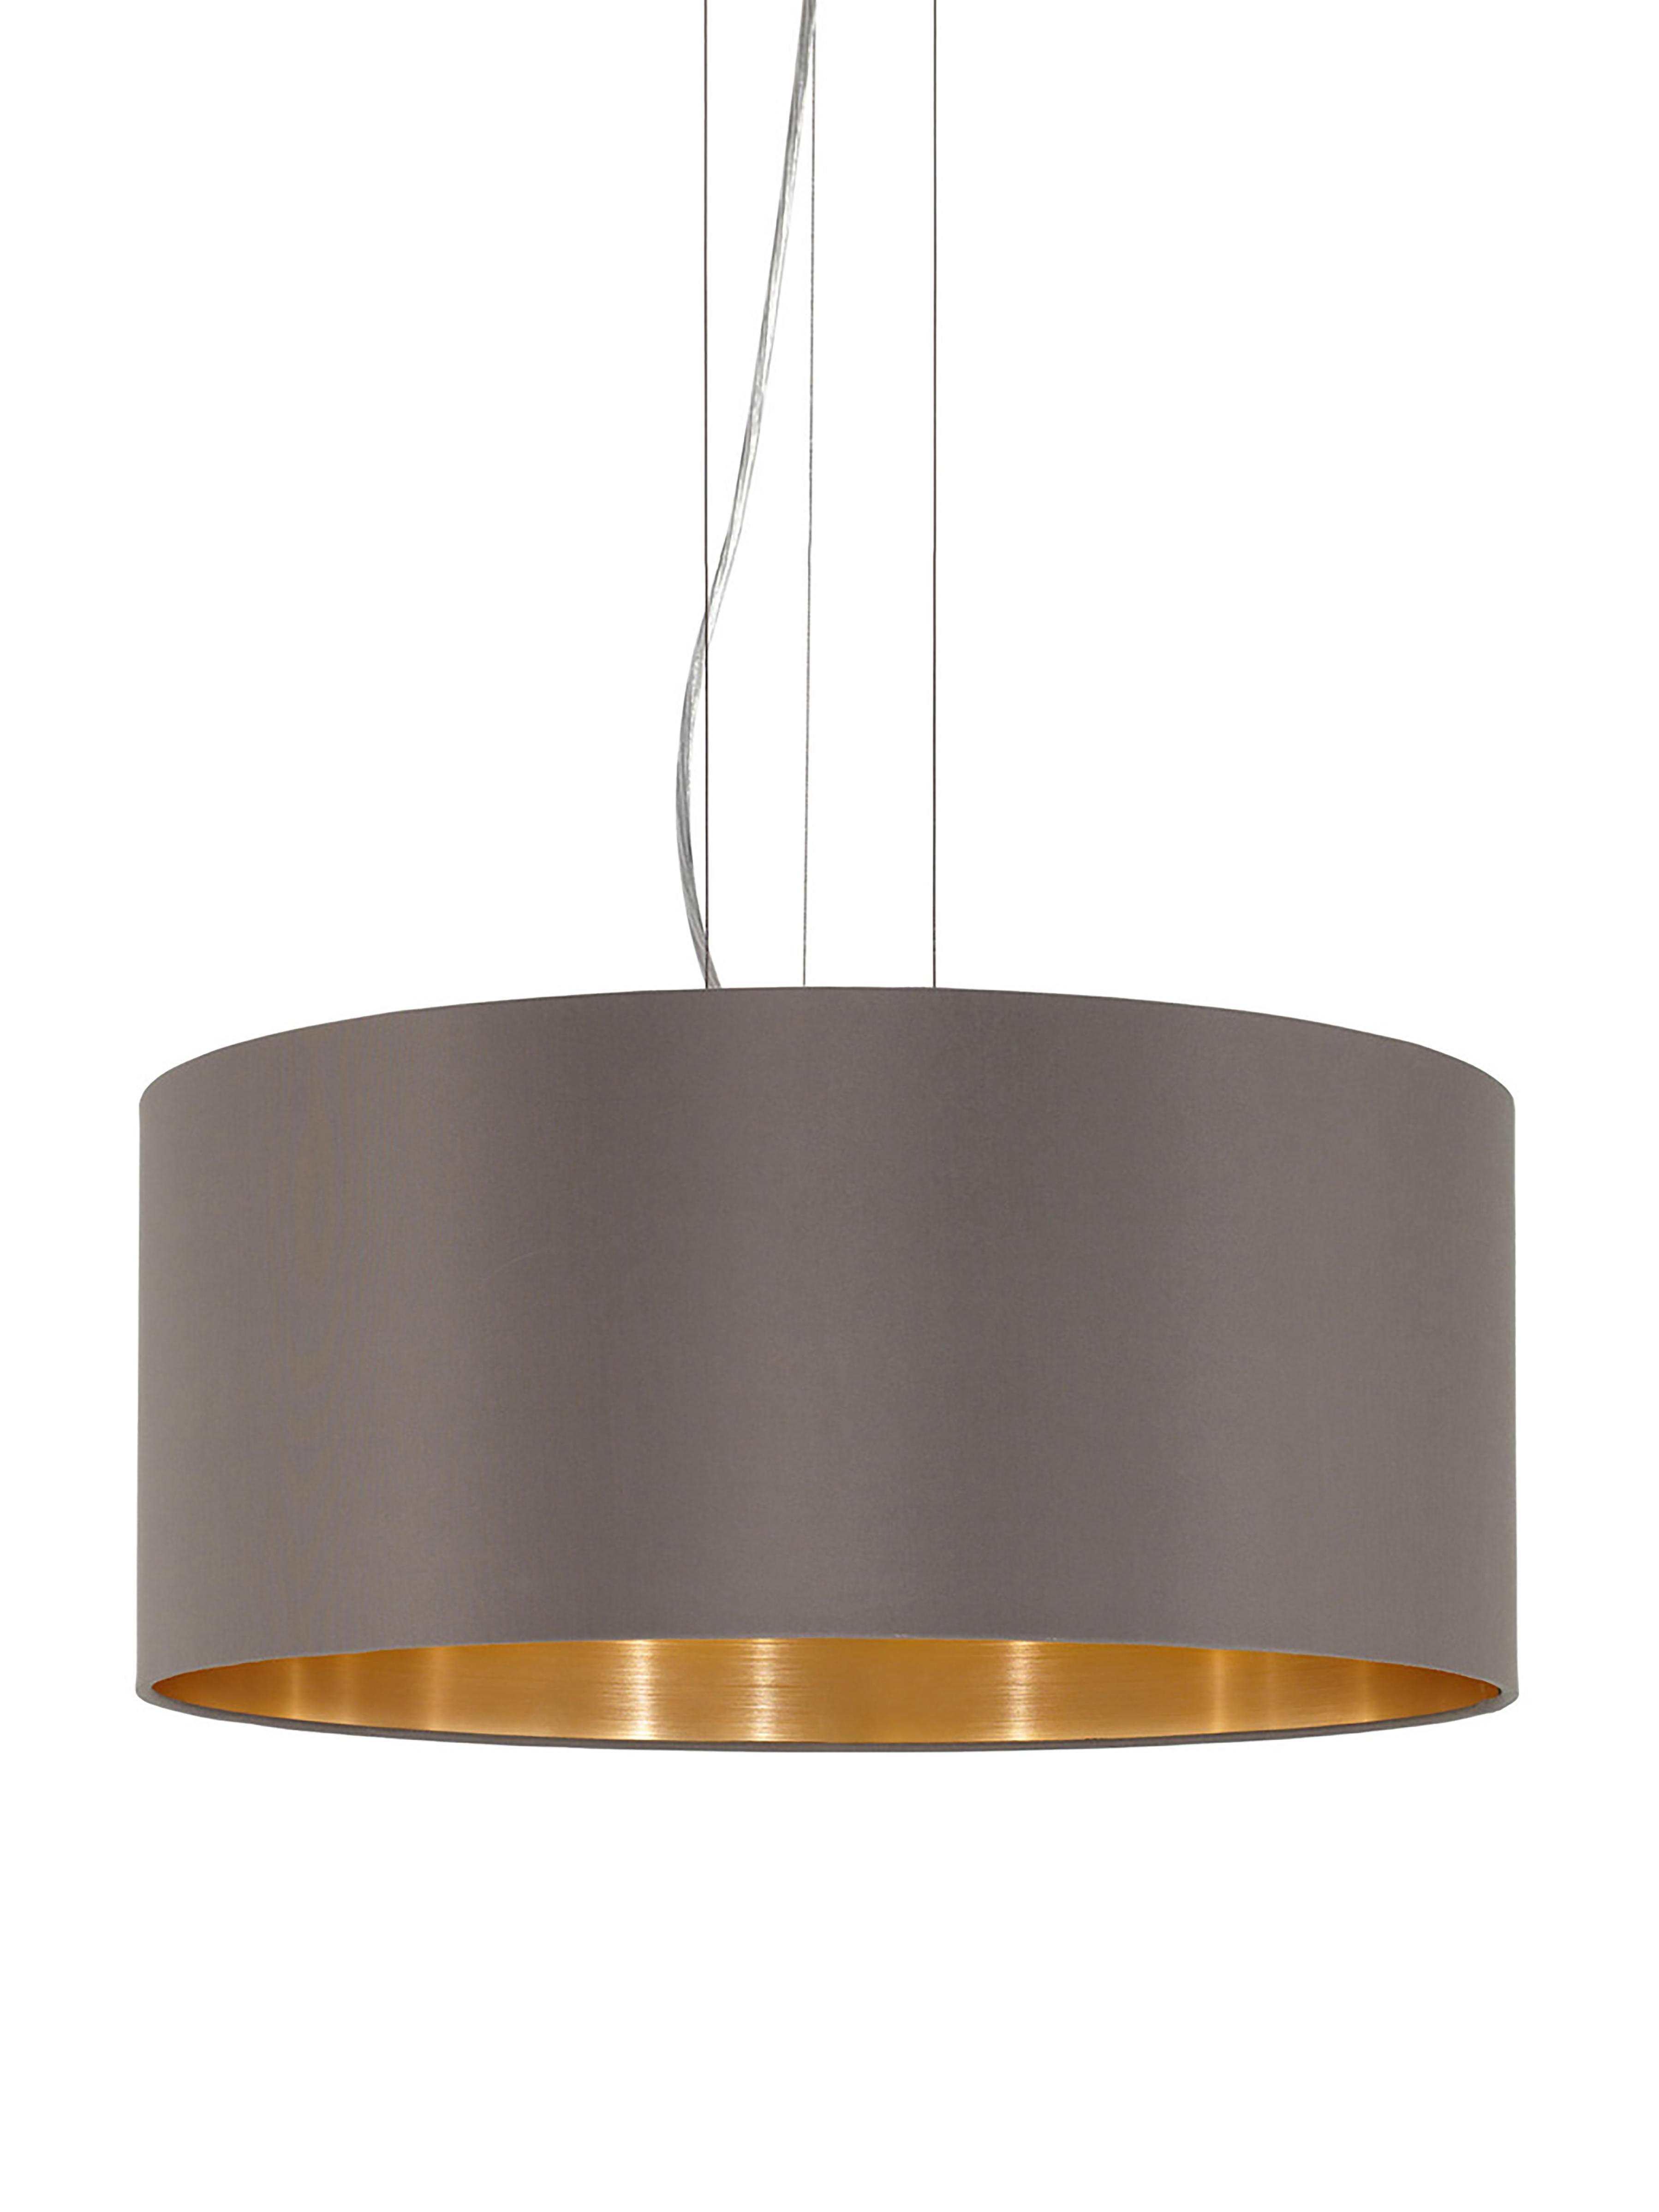 Pendelleuchte Jamie, Baldachin: Metall, vernickelt, Silberfarben,Grau-Beige, Ø 53 x H 24 cm